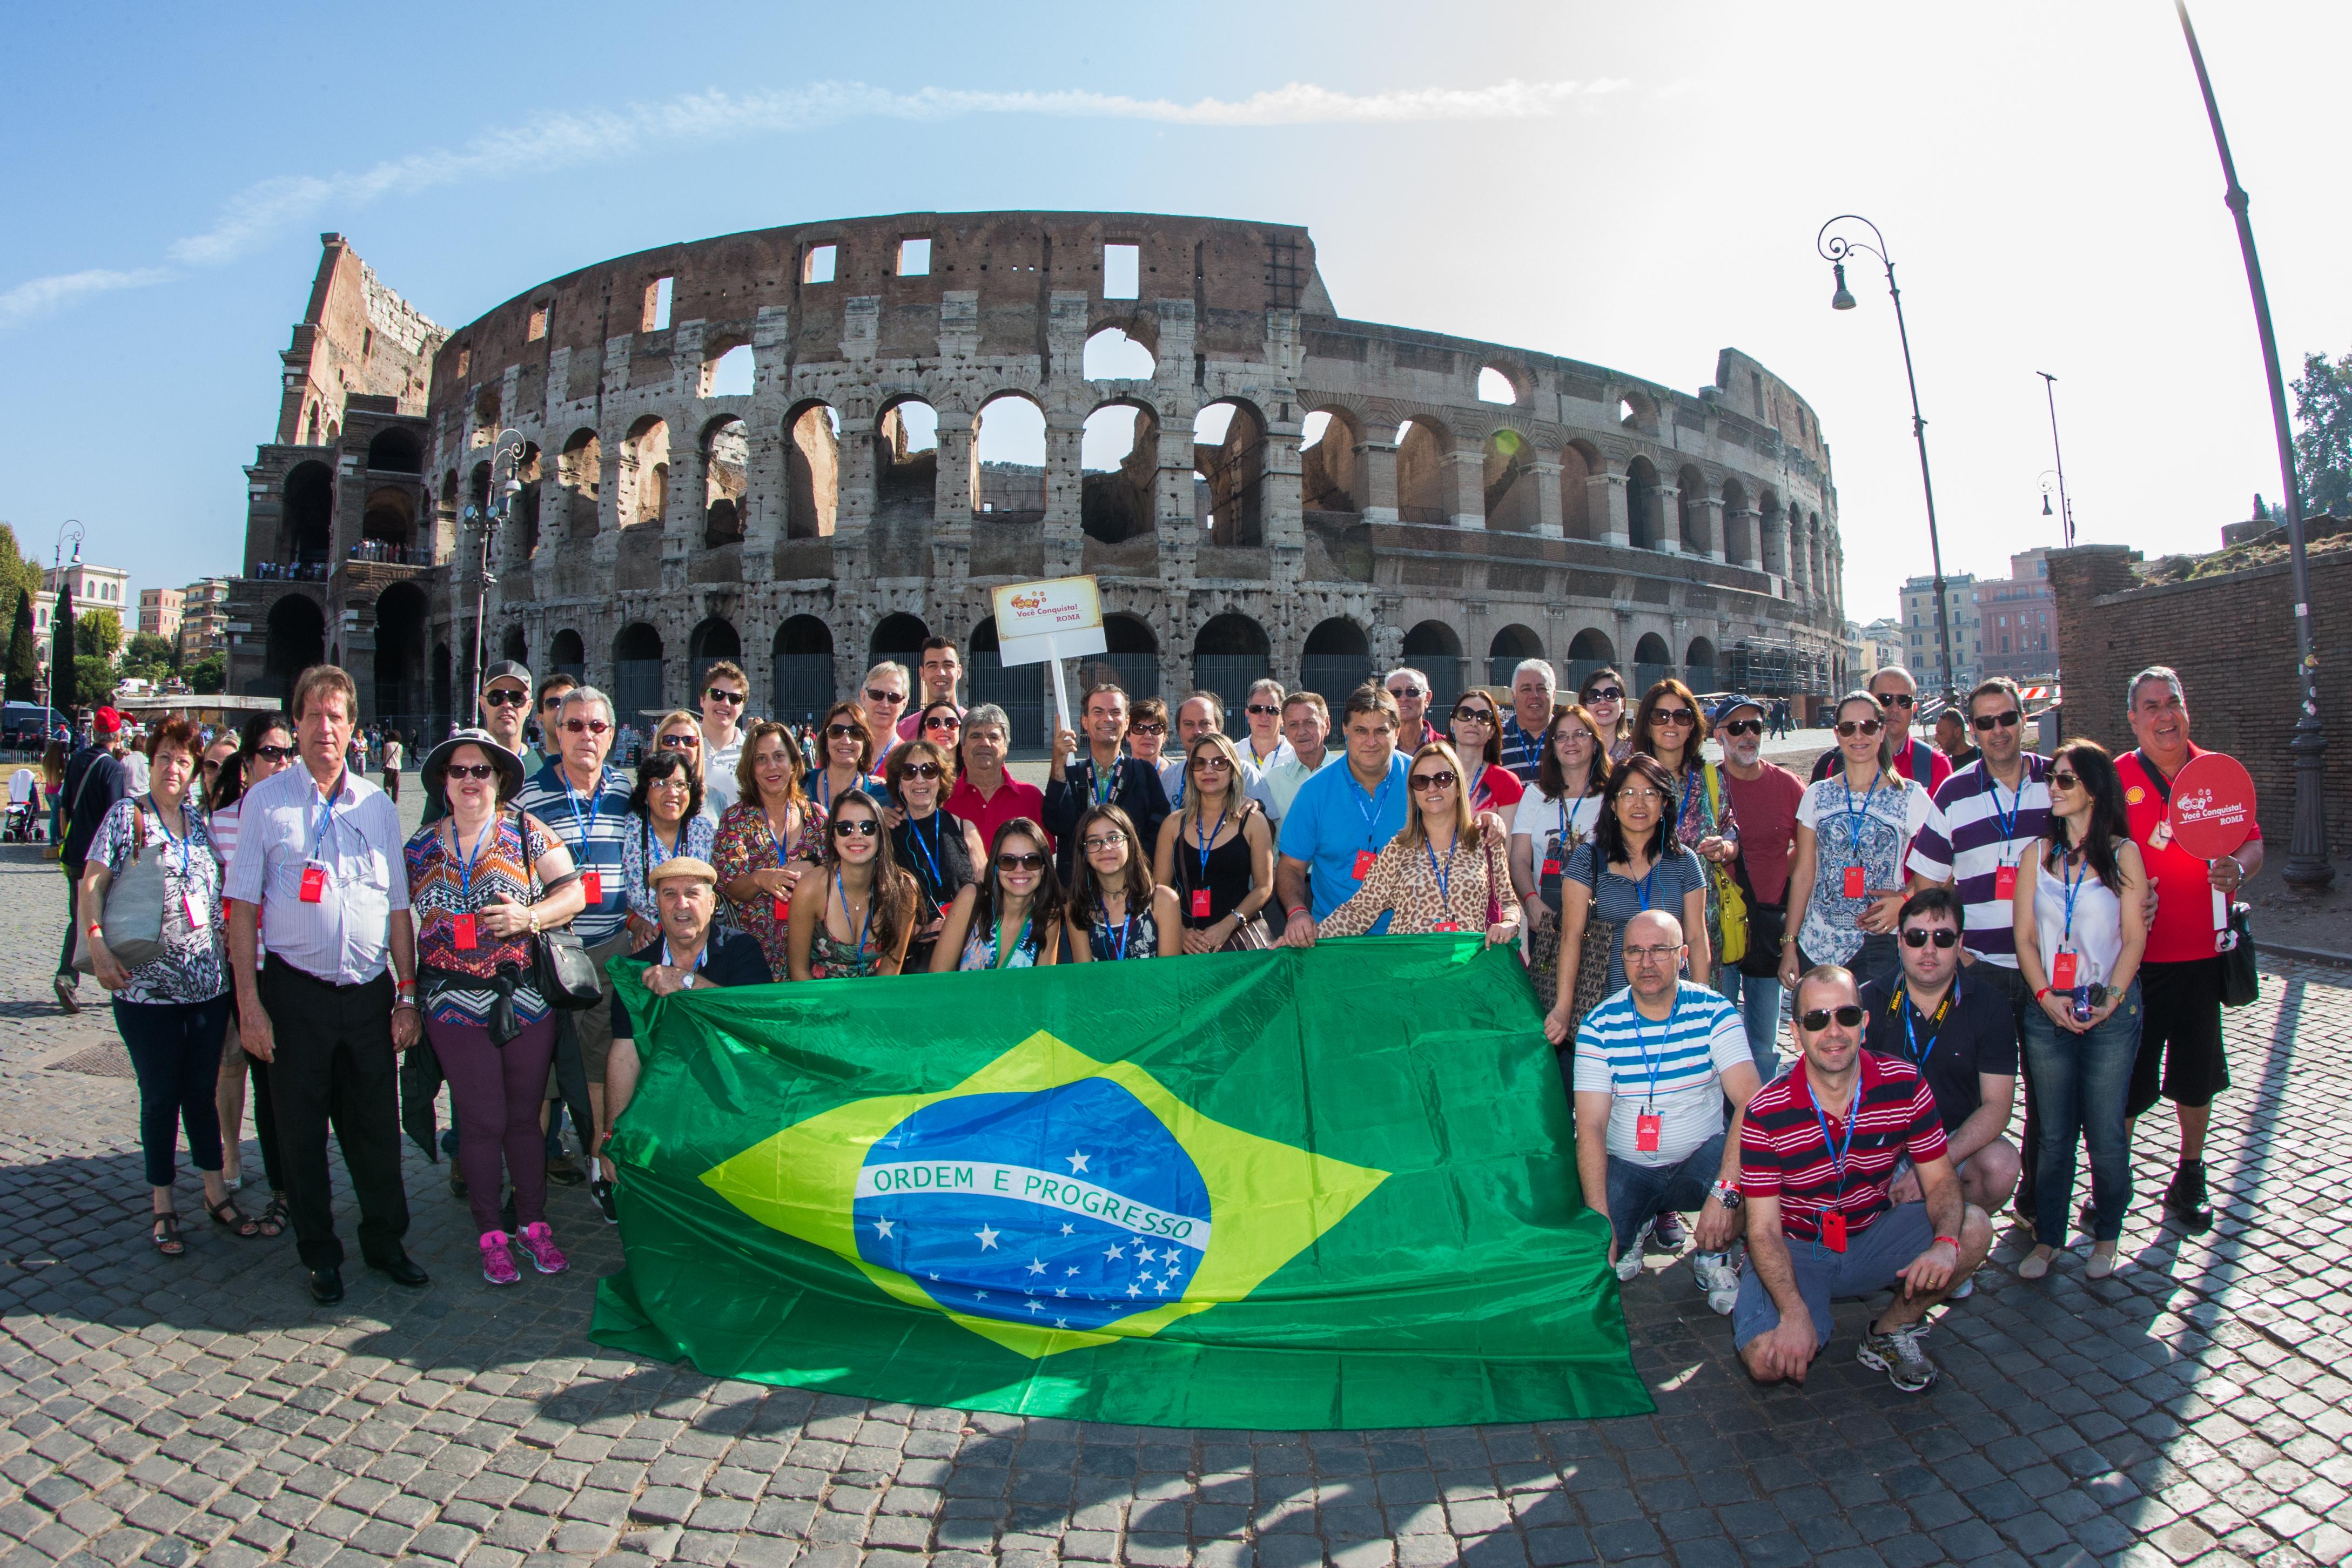 Visita ao Coliseo